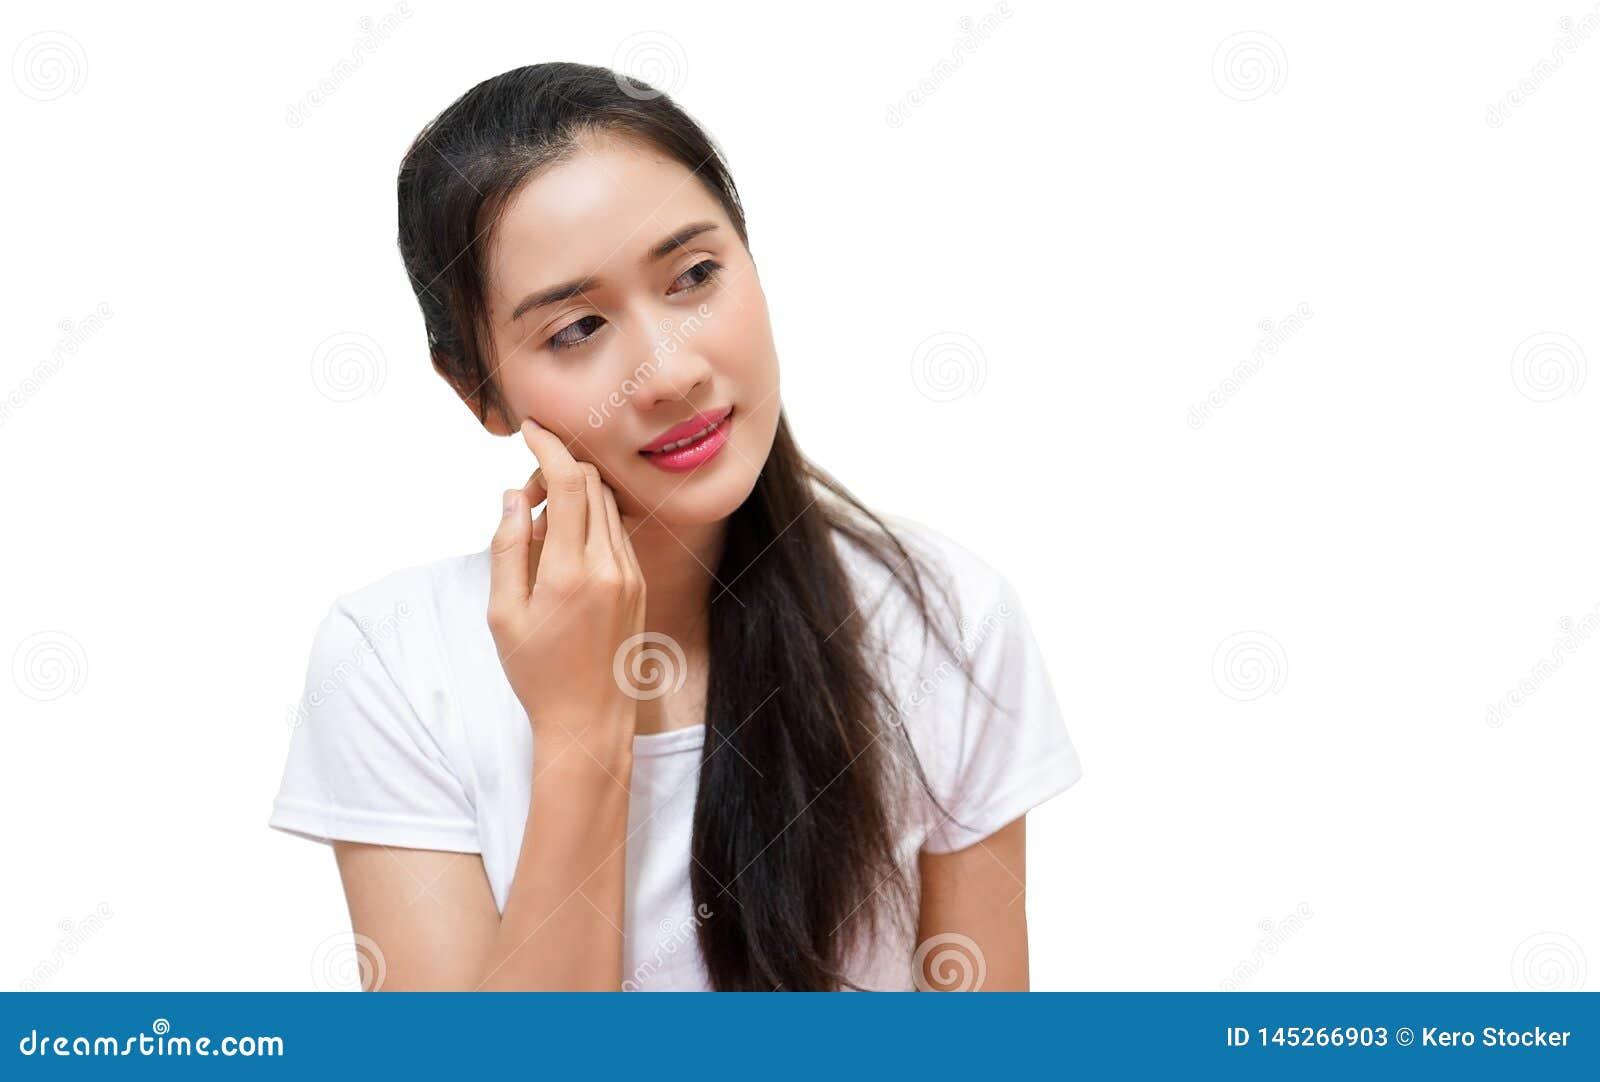 Szczęśliwe młode piękne kobiety w t-sirt przedstawienia prawa ręka papierze dla teksta projektują pozycja odizolowywająceg